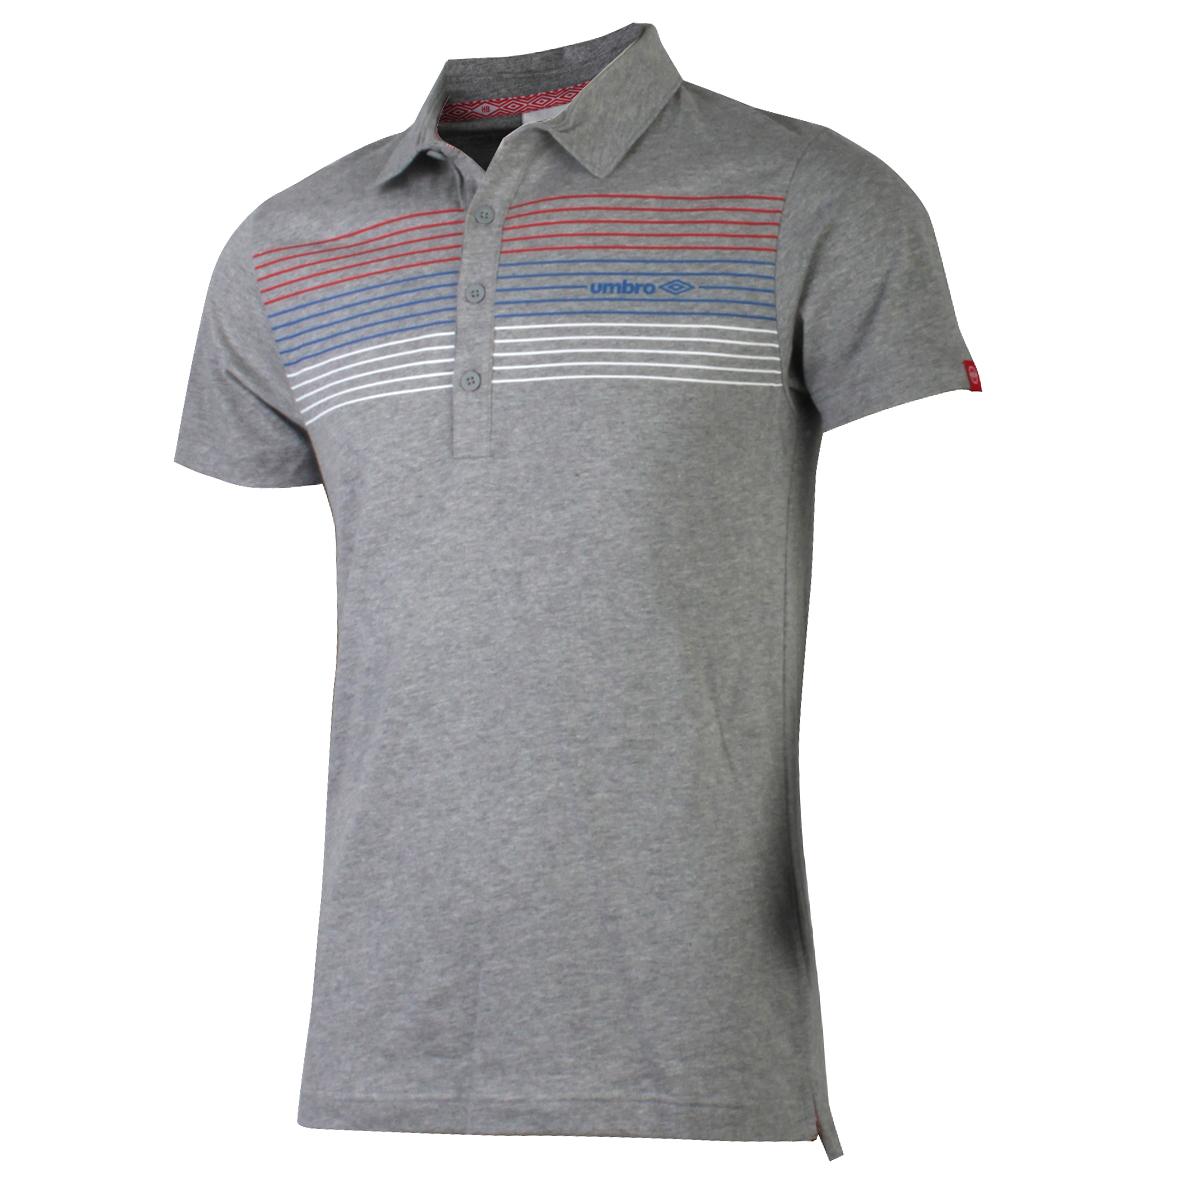 Спортивная футболка UMBRO 113402028 Polo Свободный Воротник-стойка Короткие рукава ( ≧35cm ) 100 хлопок Бег Влагопоглощающие, Ультралегкие, Воздухопроницаемые % Логотип бренда